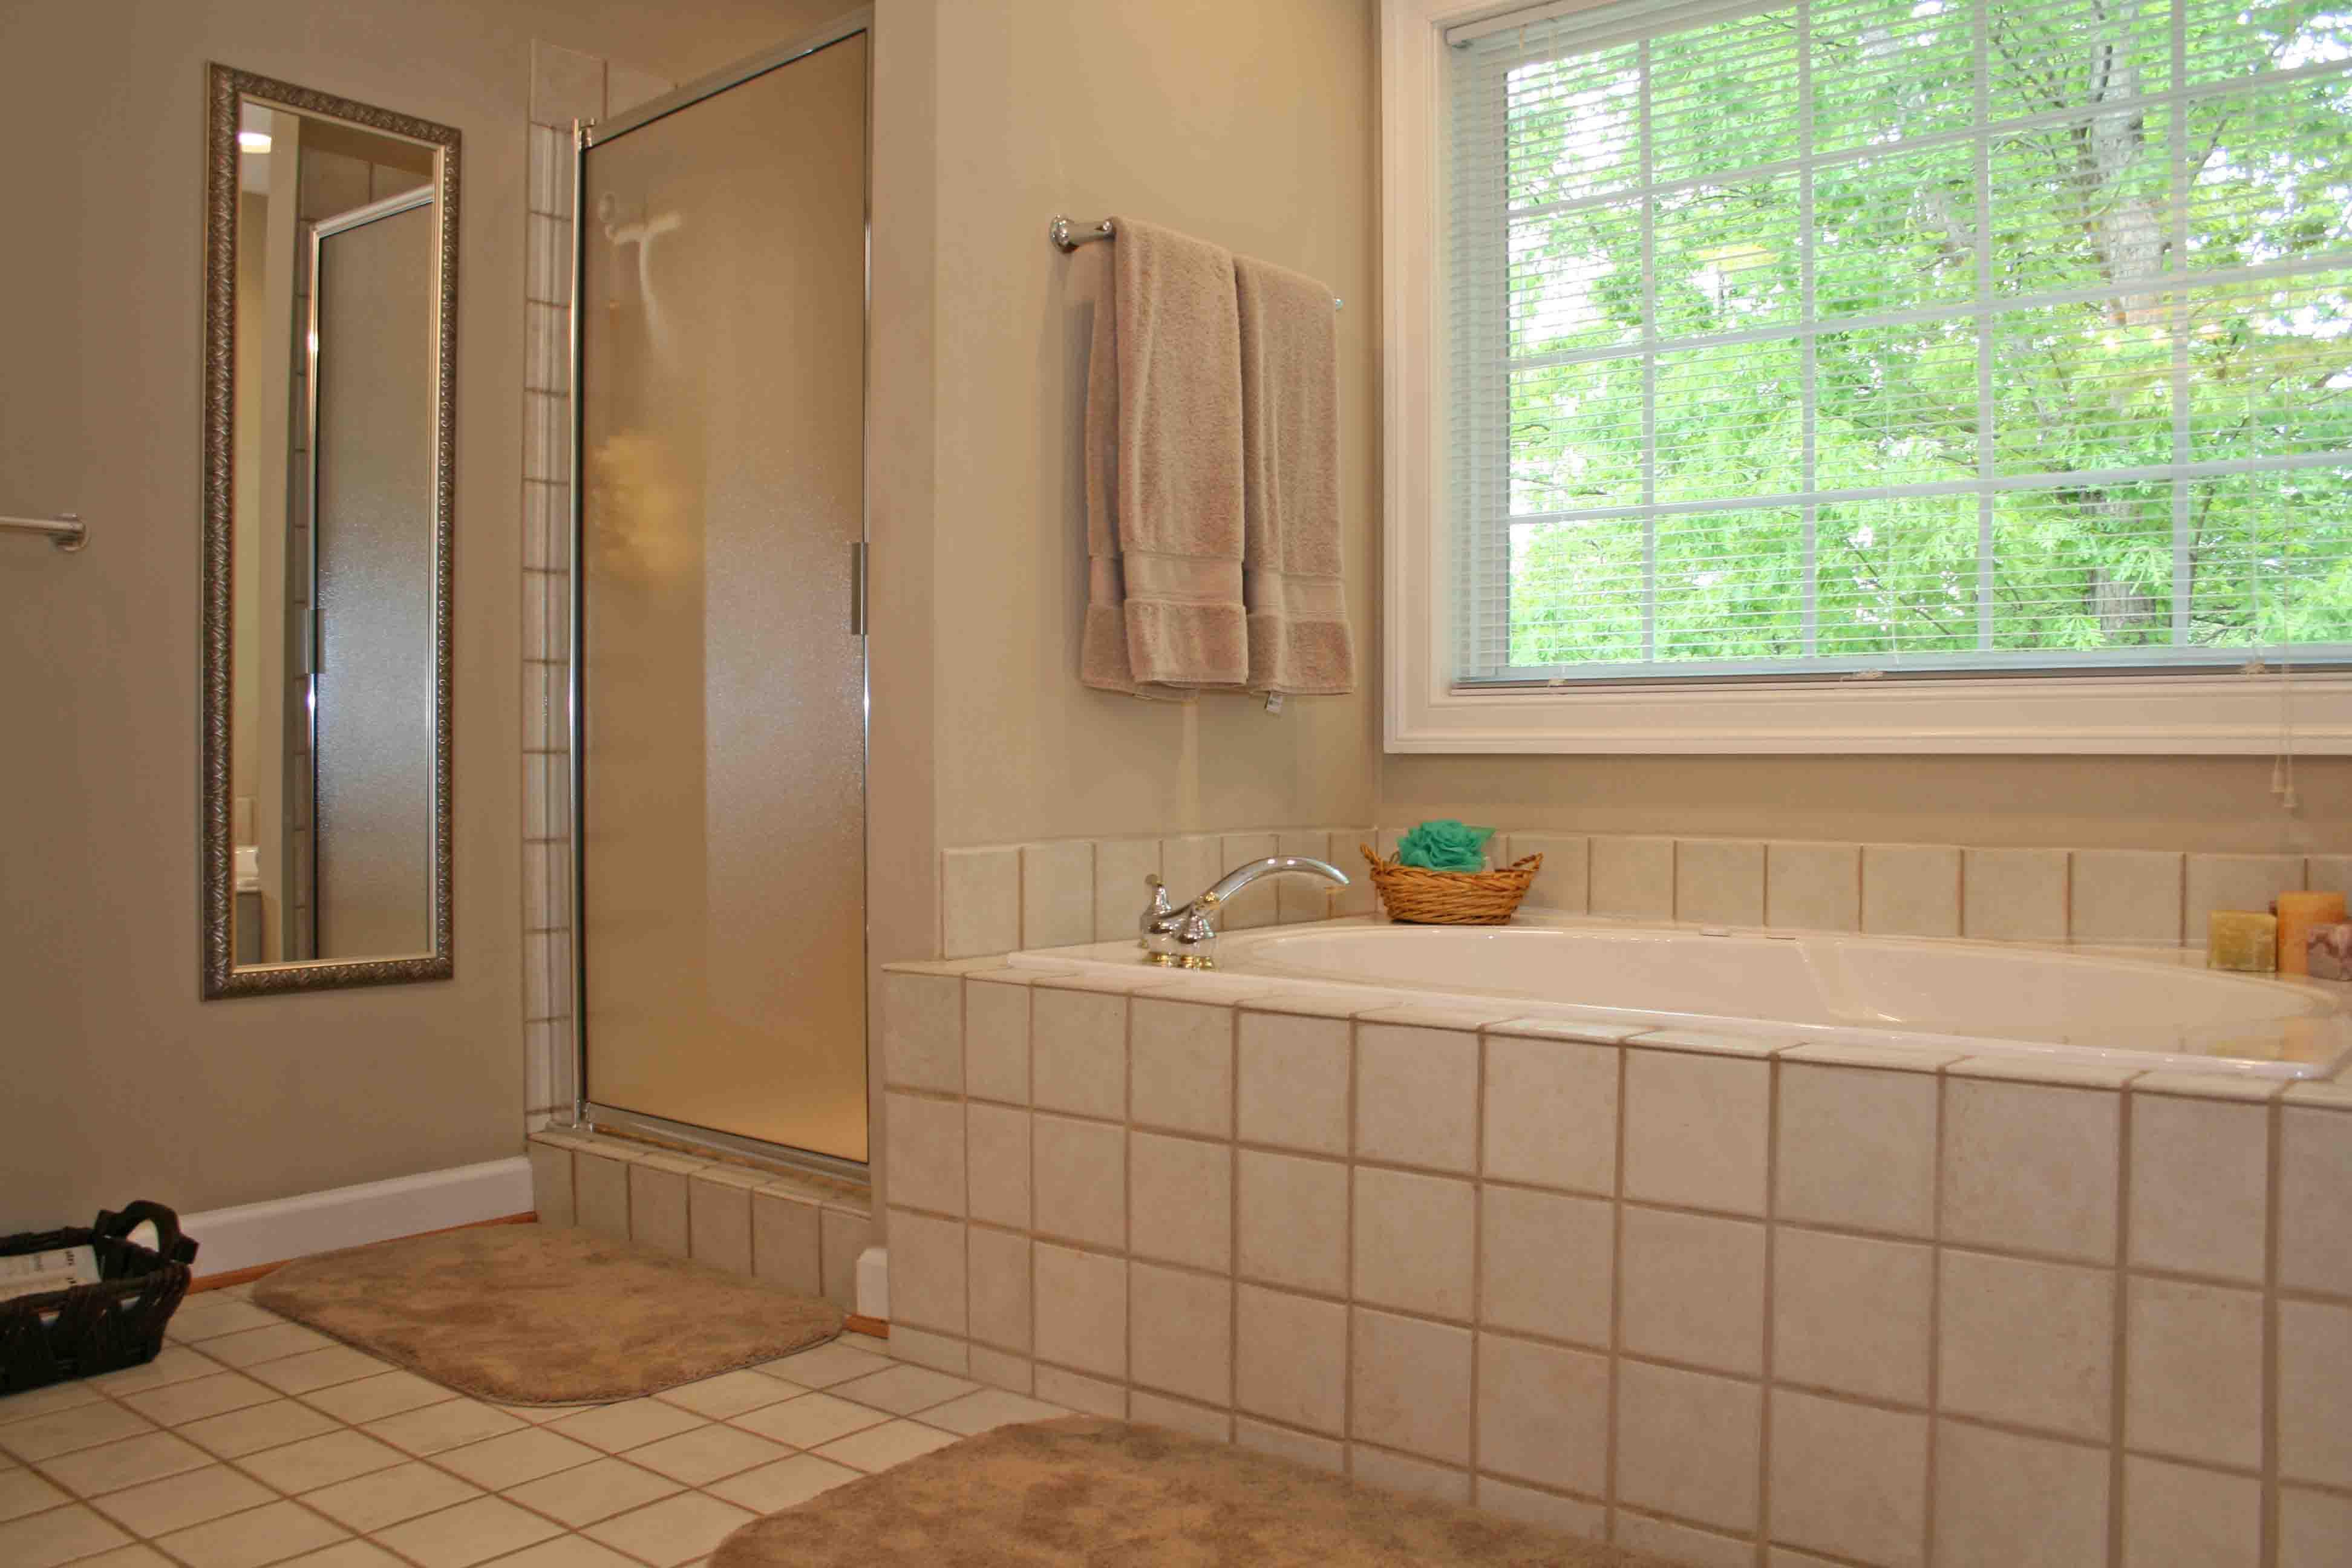 Badkamer Schoonmaak Tips : Badkamertegels en voegen schoonmaken tips advies wiki wonen